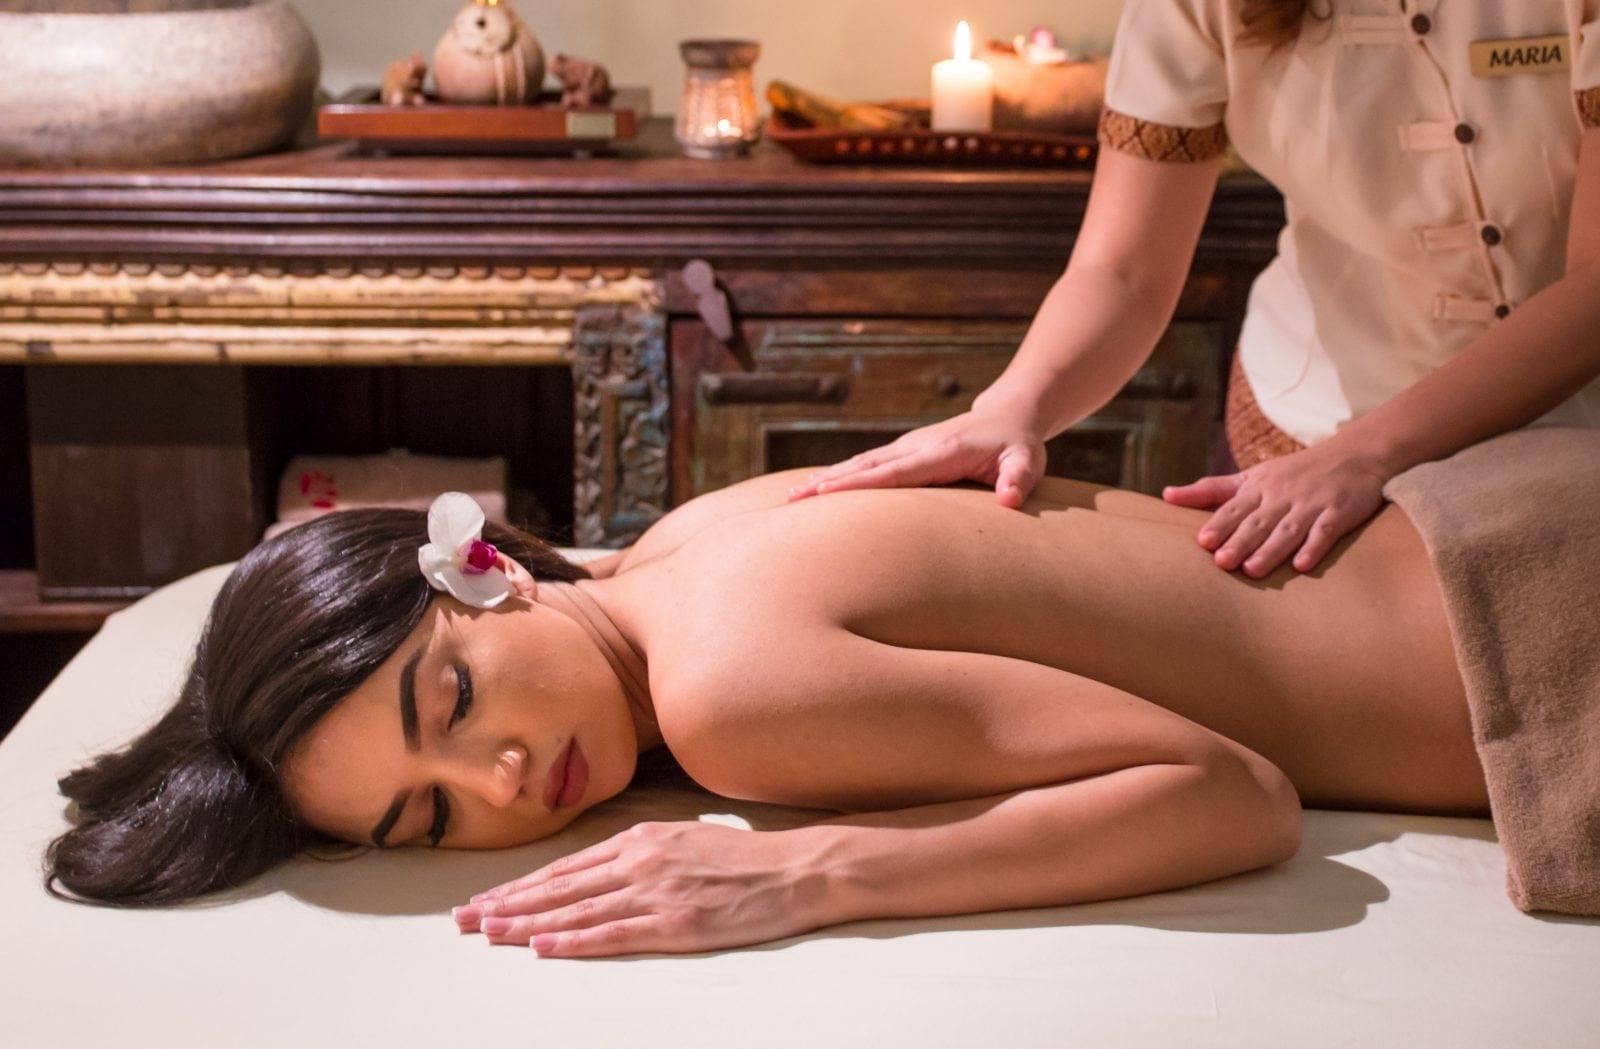 Senzatii THaico 2 - Patru ritualuri spa pe care să le încerci în această primăvară la THAIco Spa